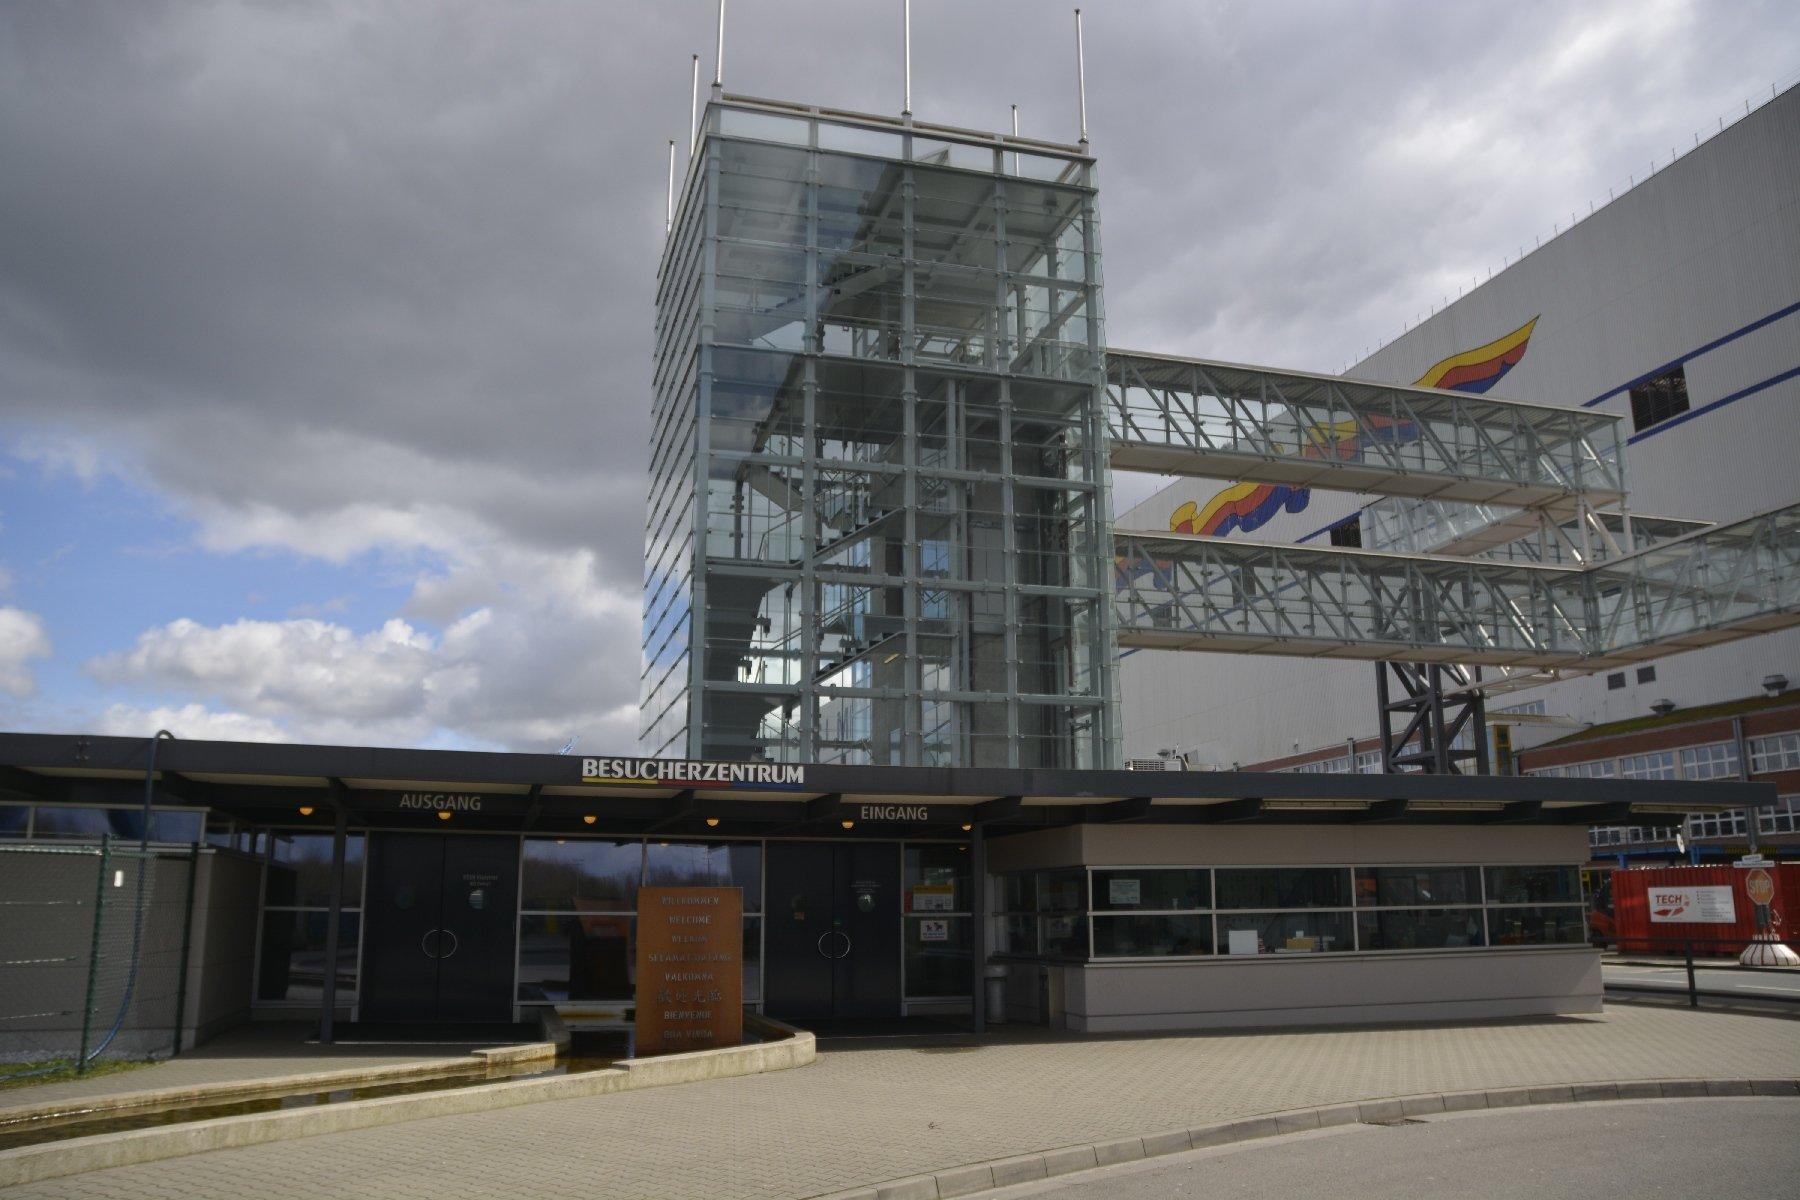 Eingang zum Besucherzentrum der Meyer-Werft in Papenburg